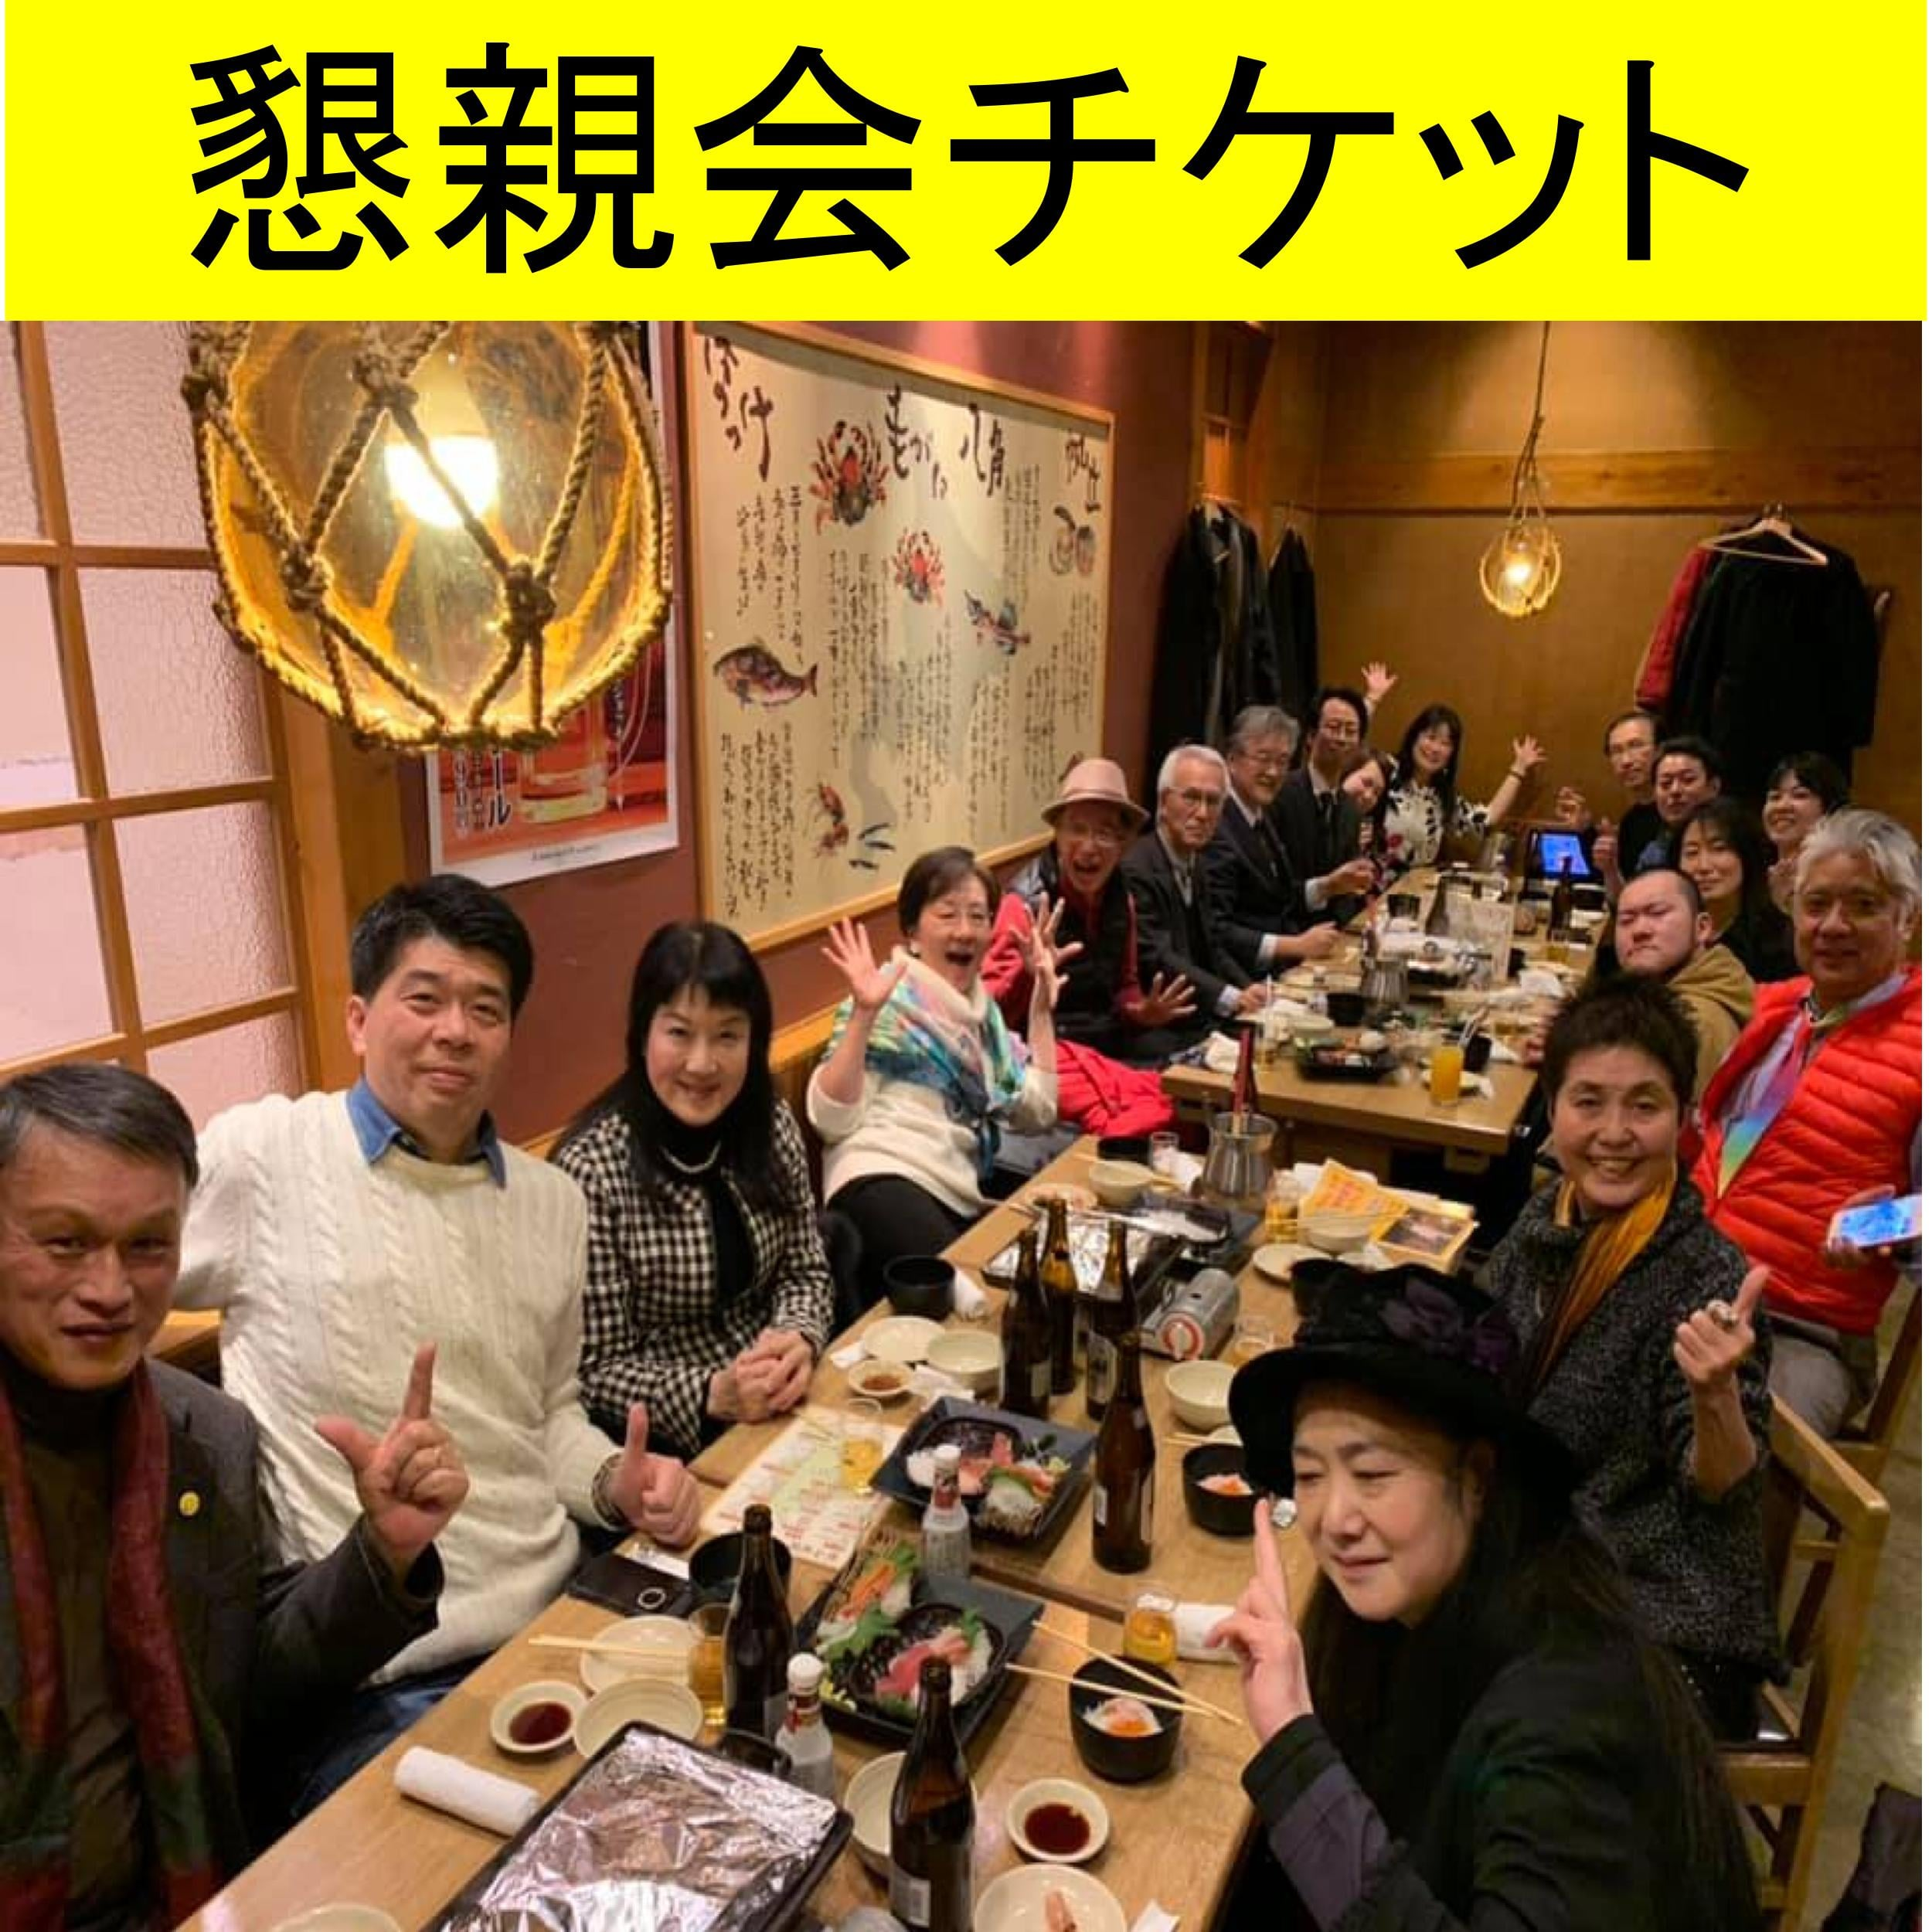 【全員共通】日本の医療と福祉を考える会 9/16 懇親会 チケットのイメージその3